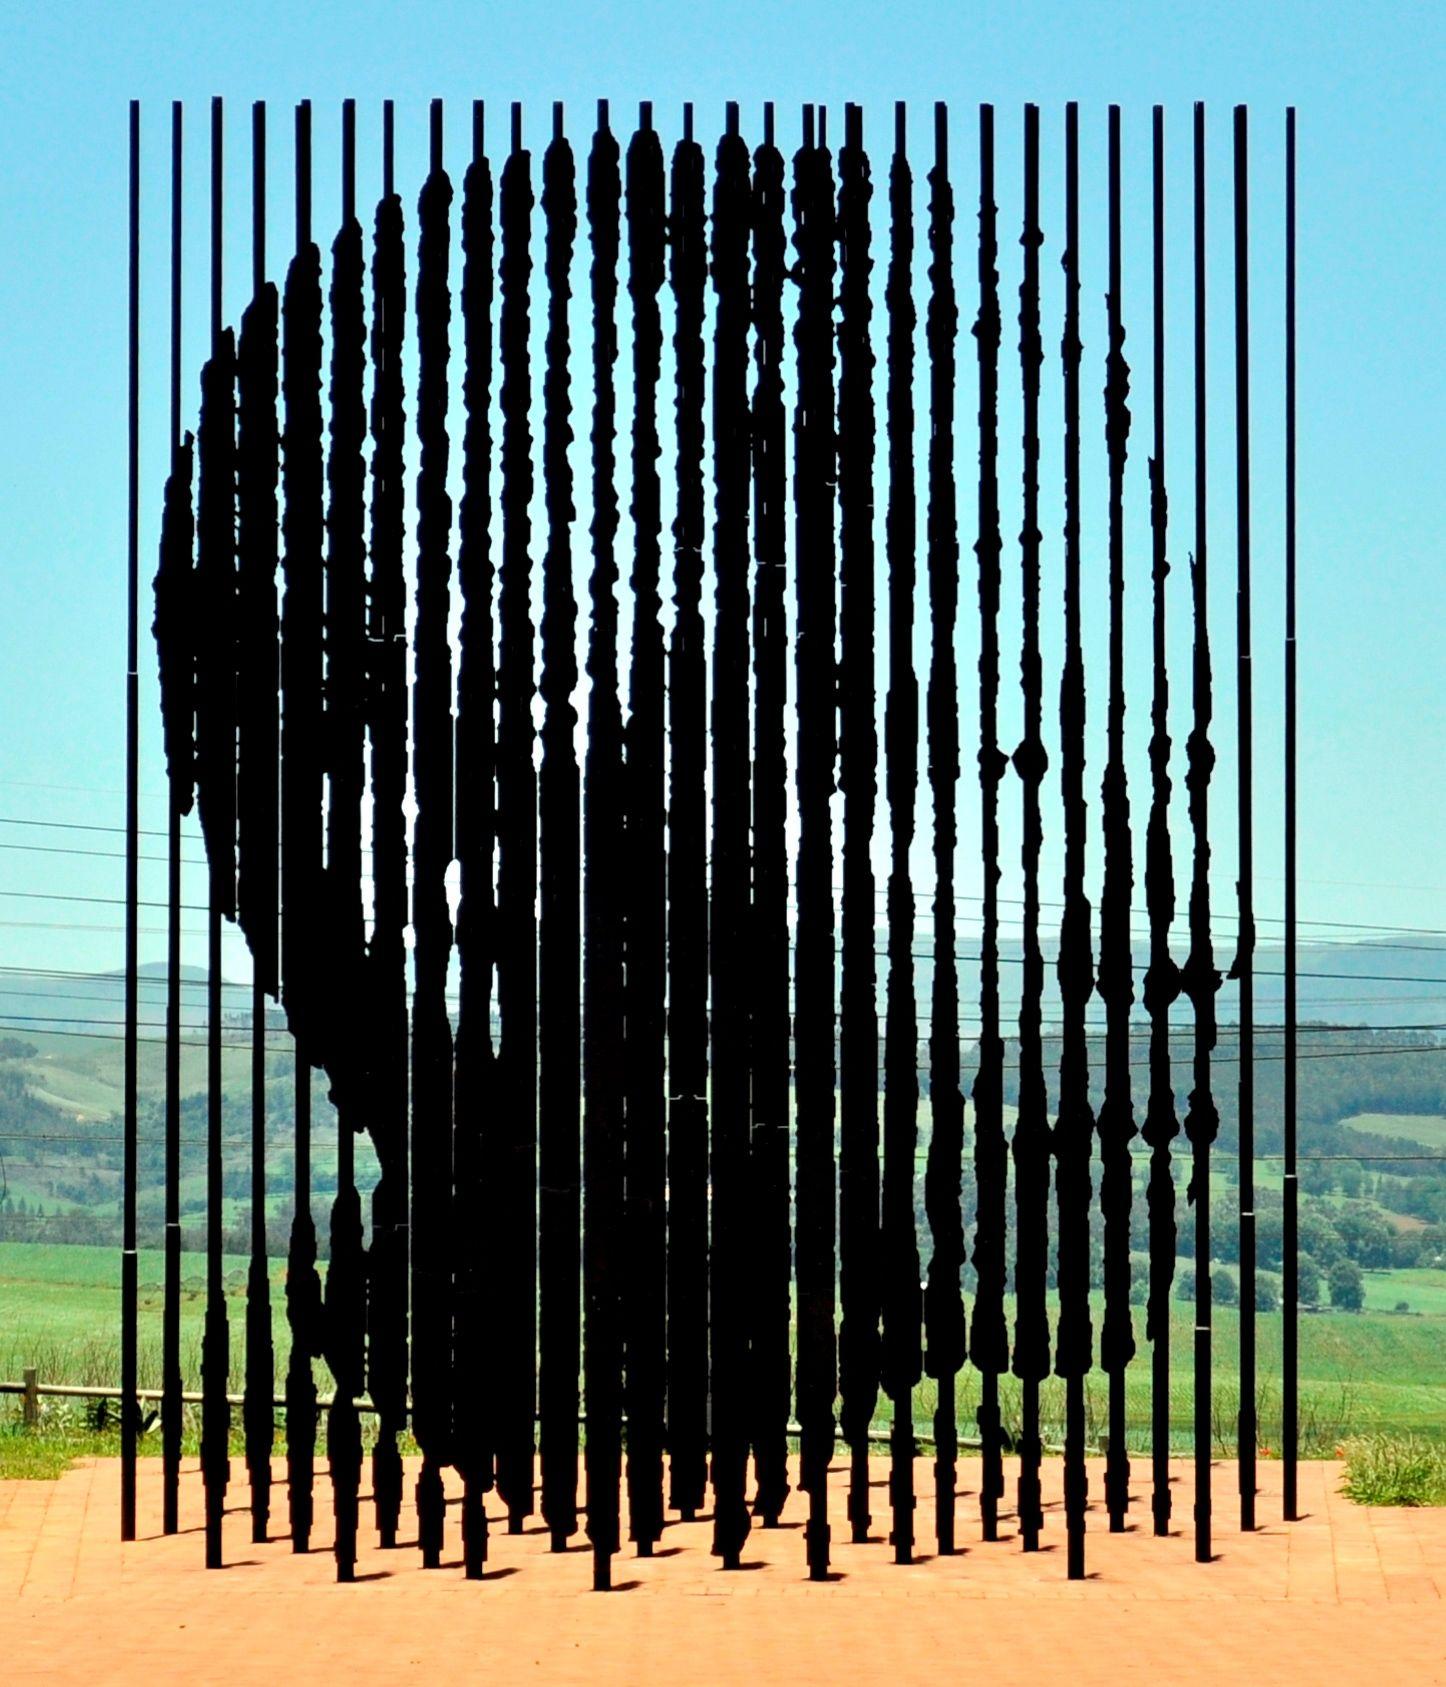 Nelson Mandela Capture Site by Marco Cianfanelli